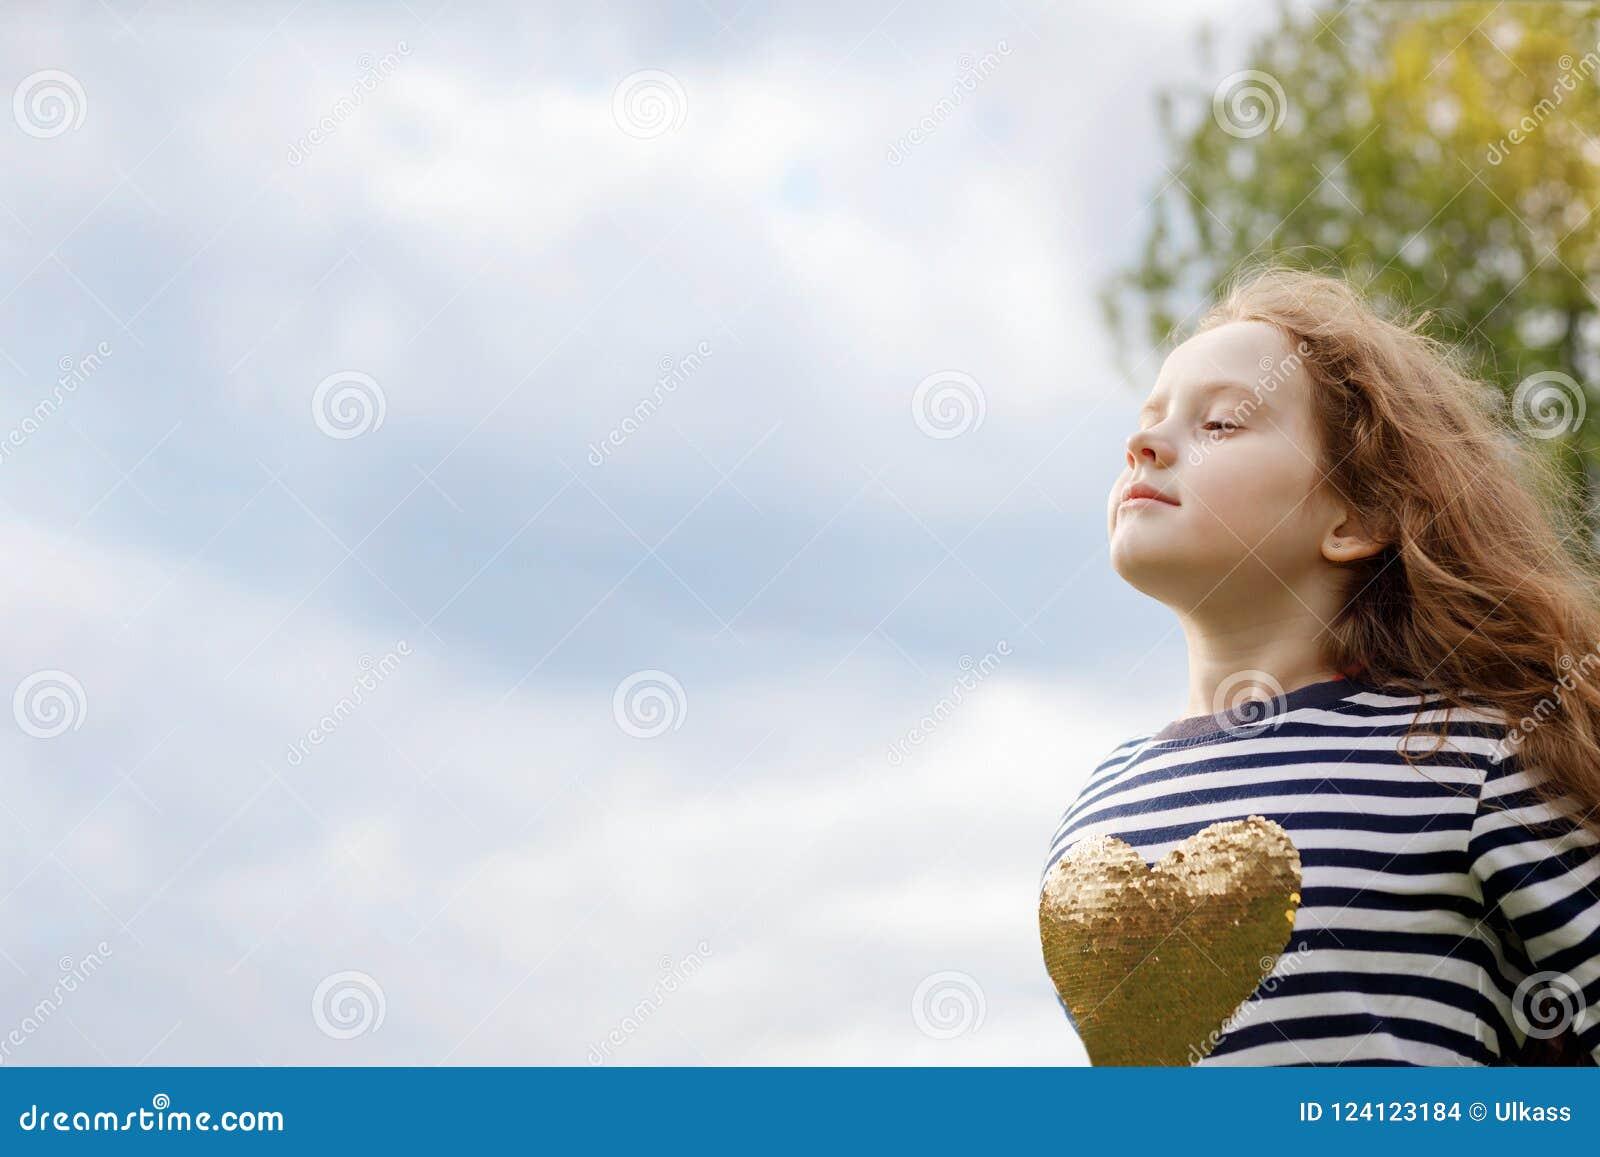 La niña la cerró los ojos y respiración con que soplaba fresco